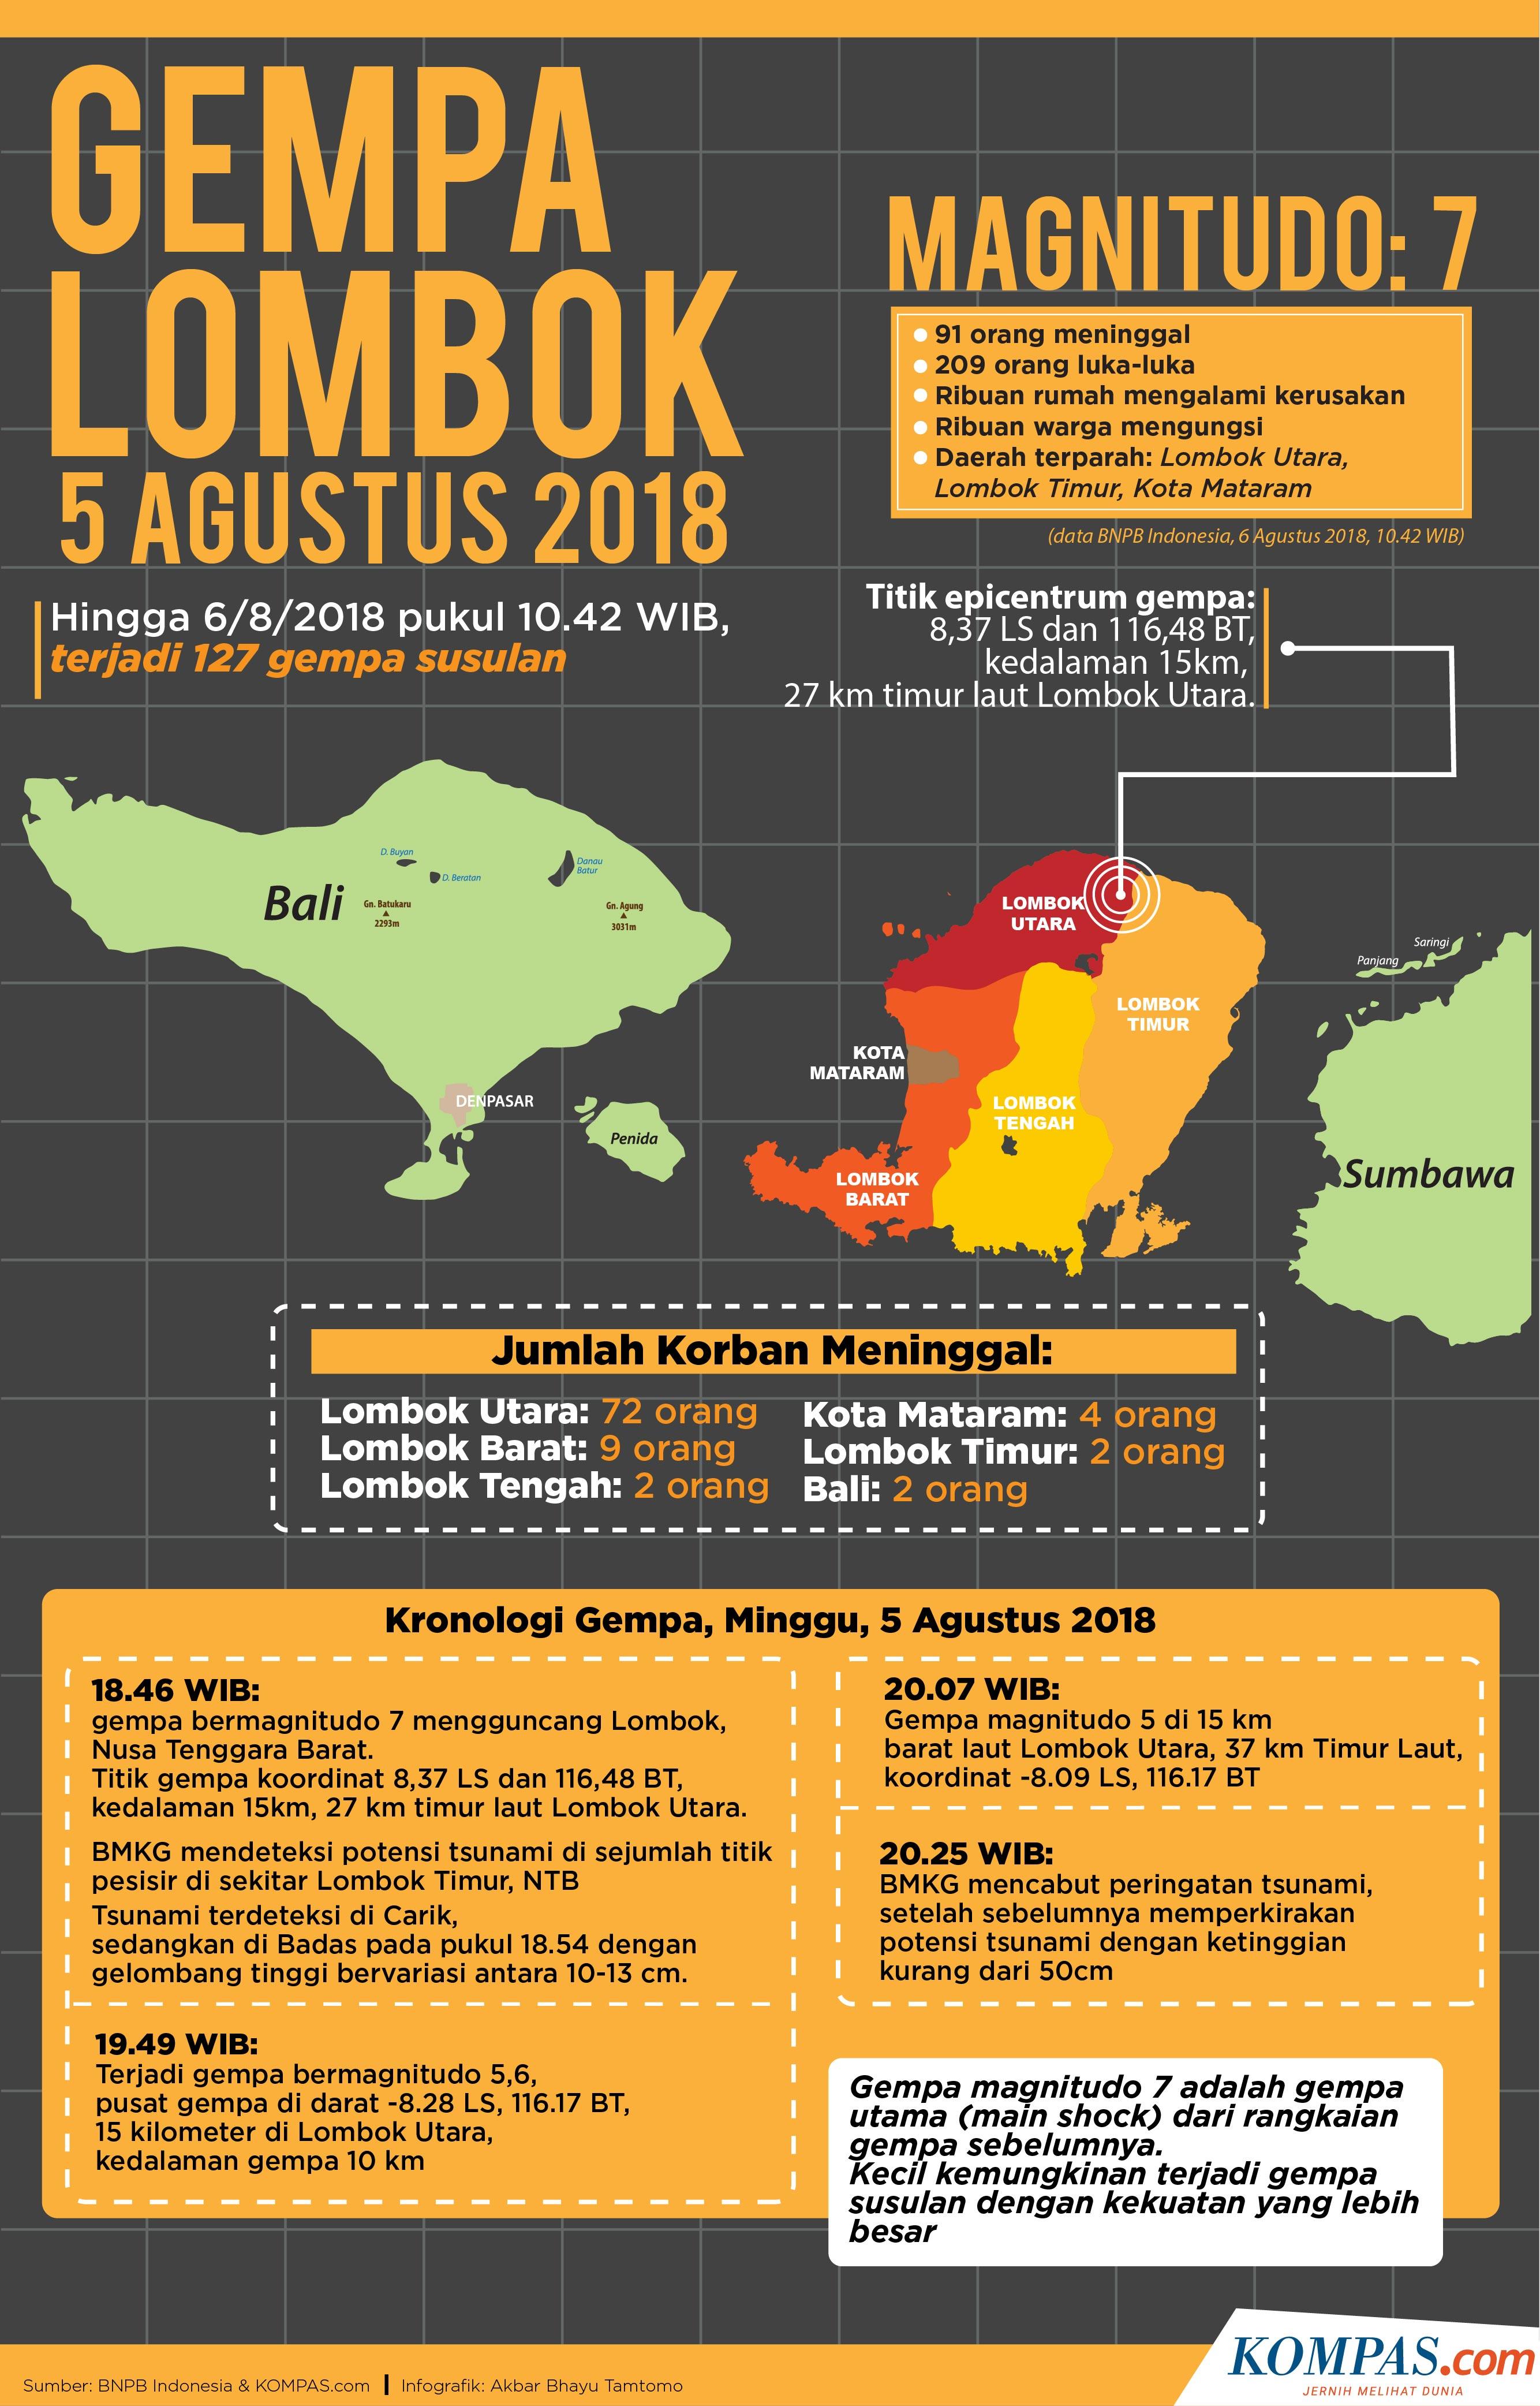 Cairkan Dana Bantuan Rumah Korban Gempa Lombok Kini Cukup